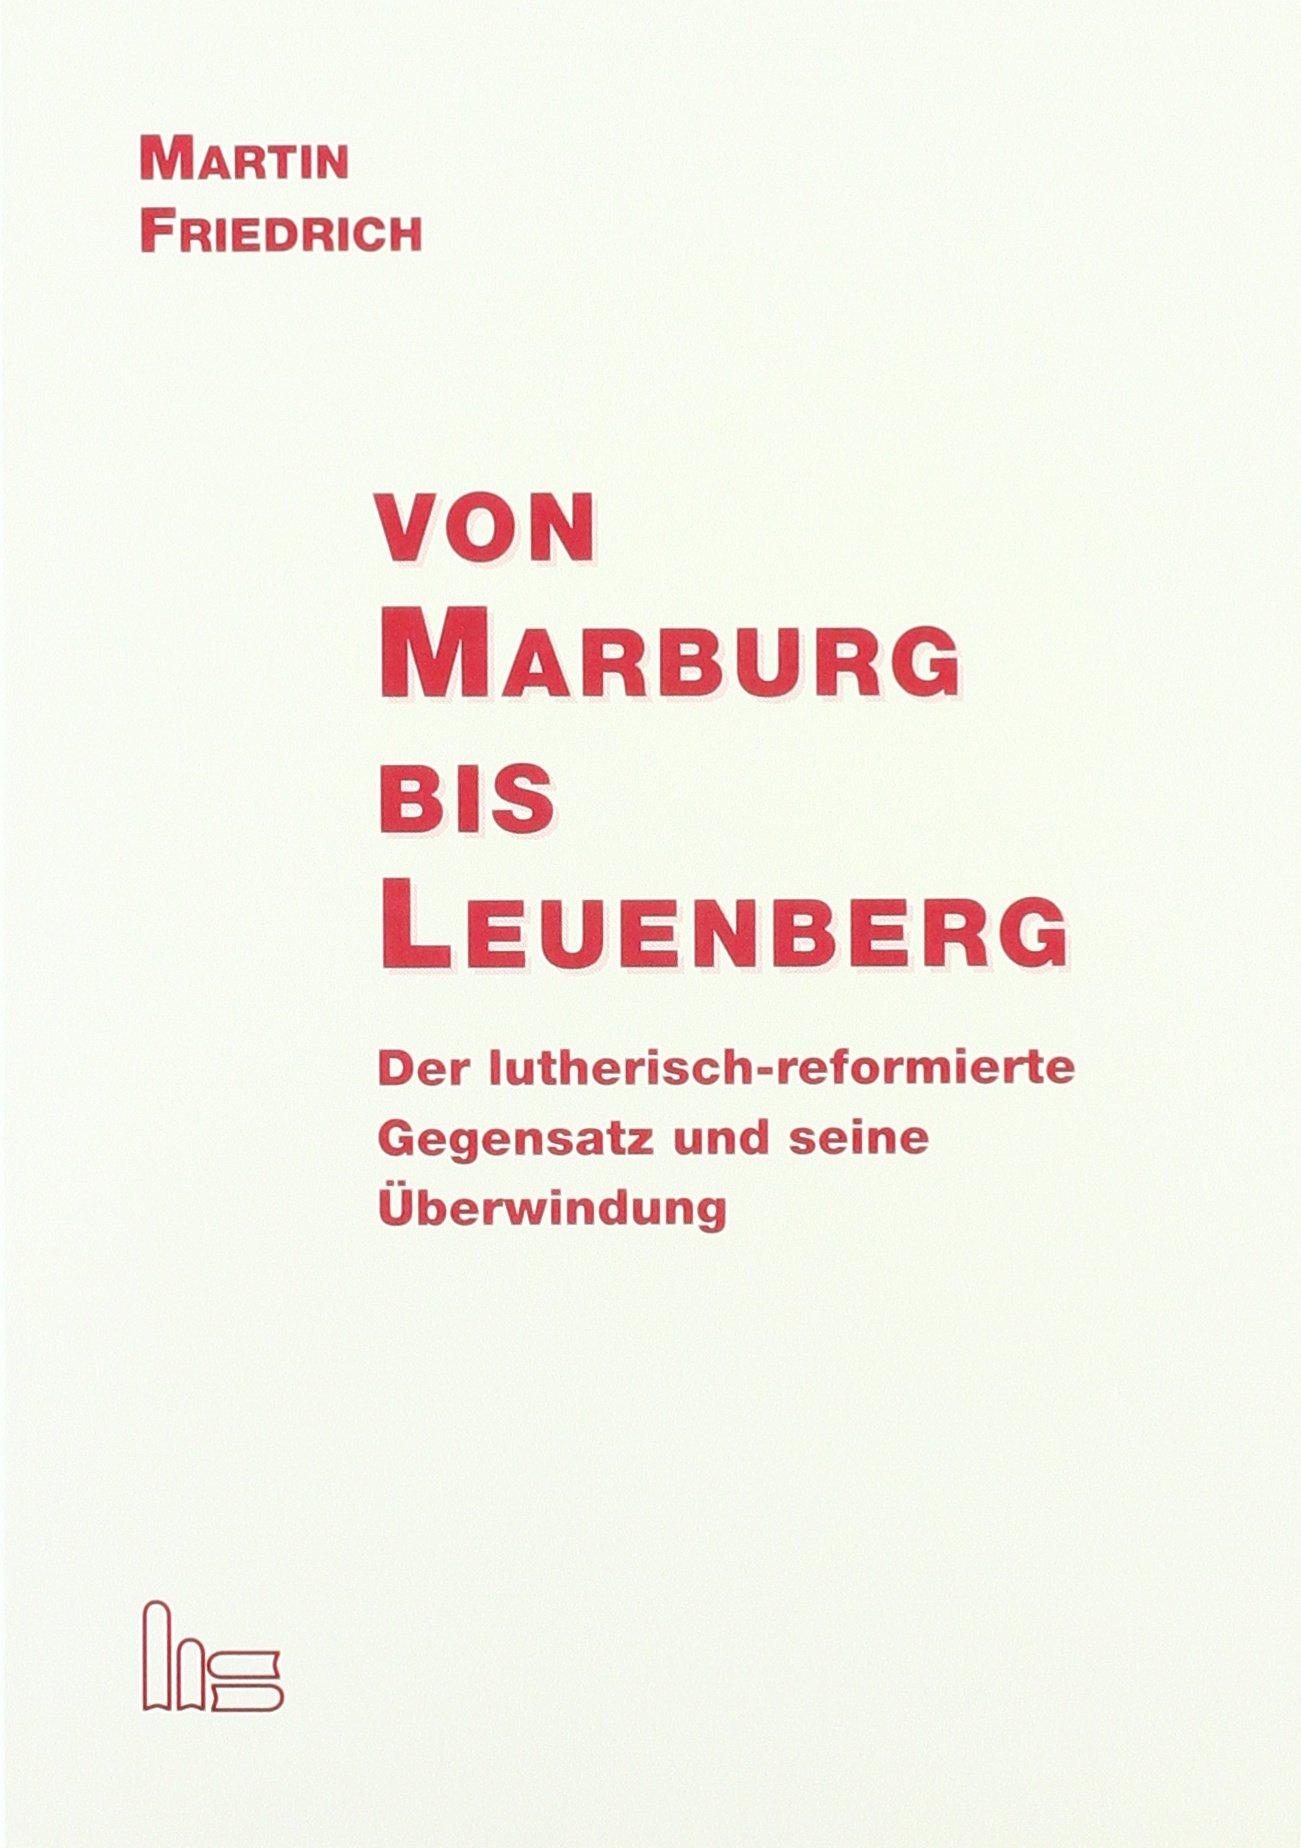 Von Marburg bis Leuenberg: Der lutherisch-reformierte Gegensatz und seine Überwindung